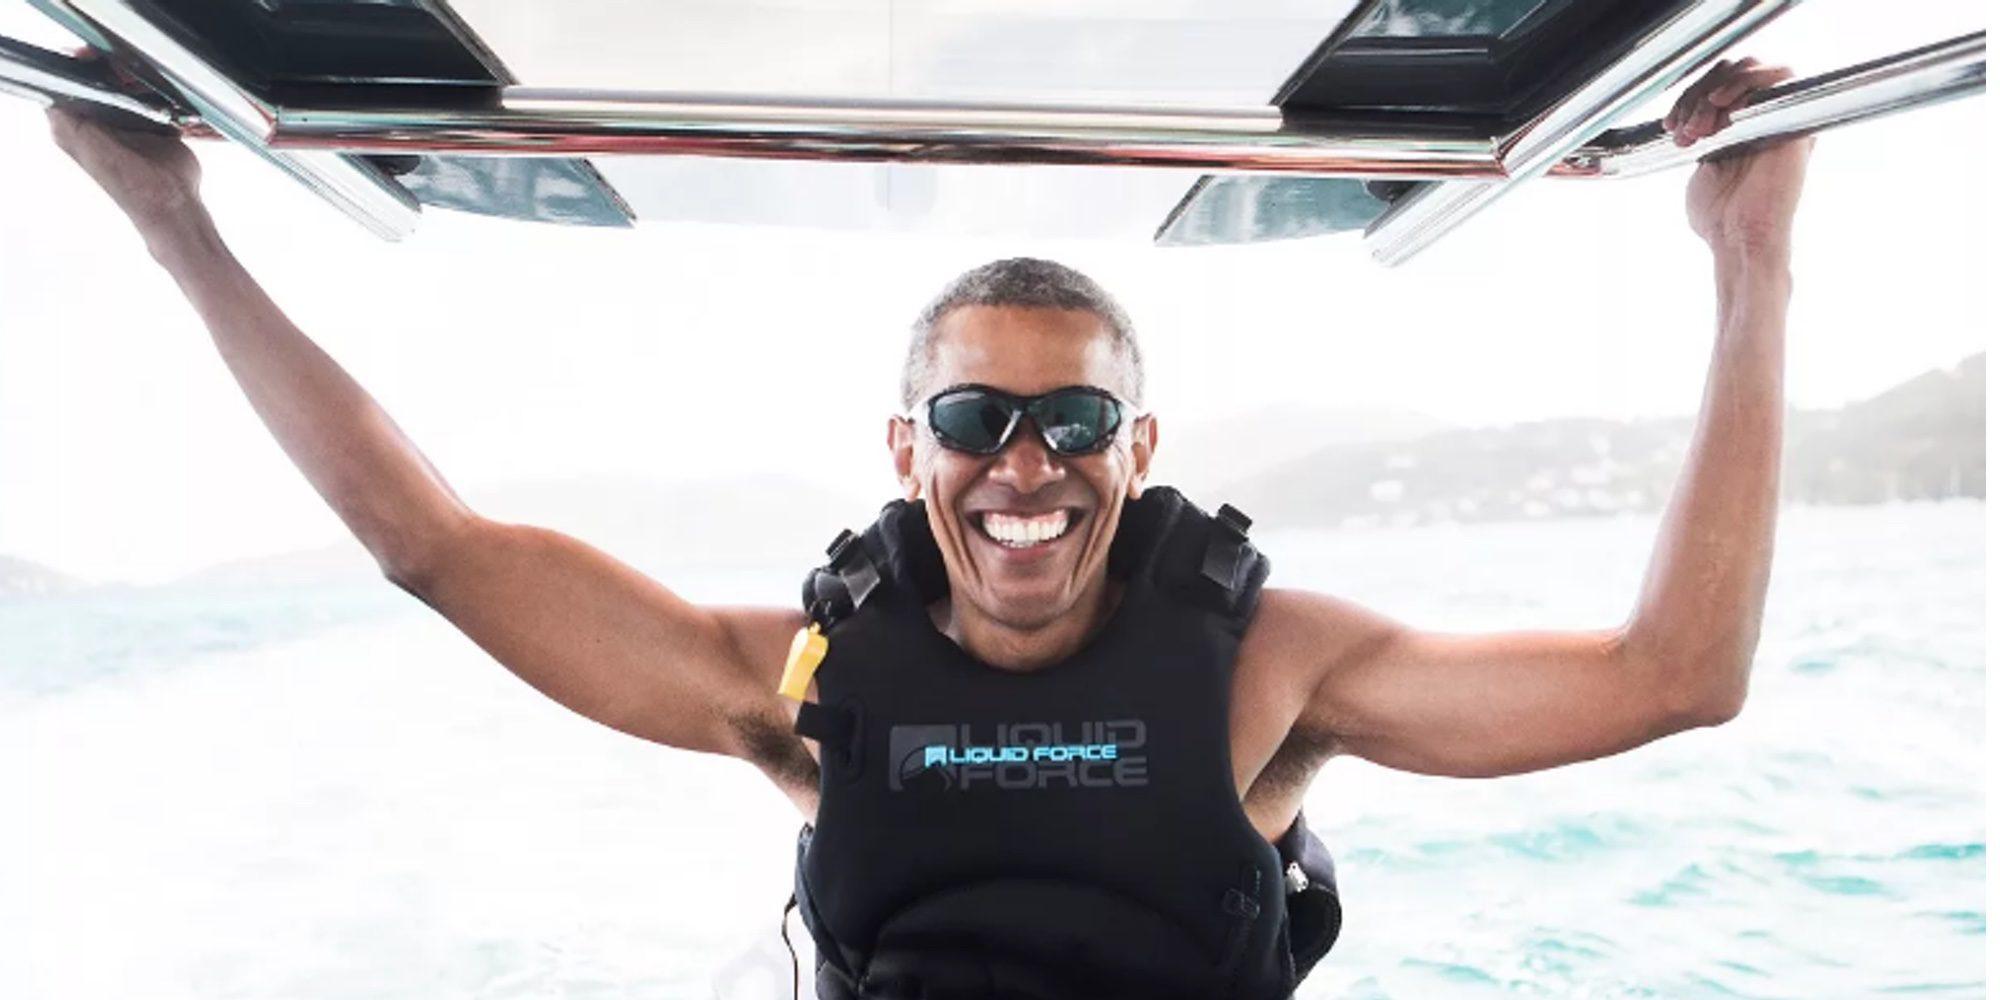 Barack Obama se divierte con su amigo Richard Branson practicando deportes acuáticos